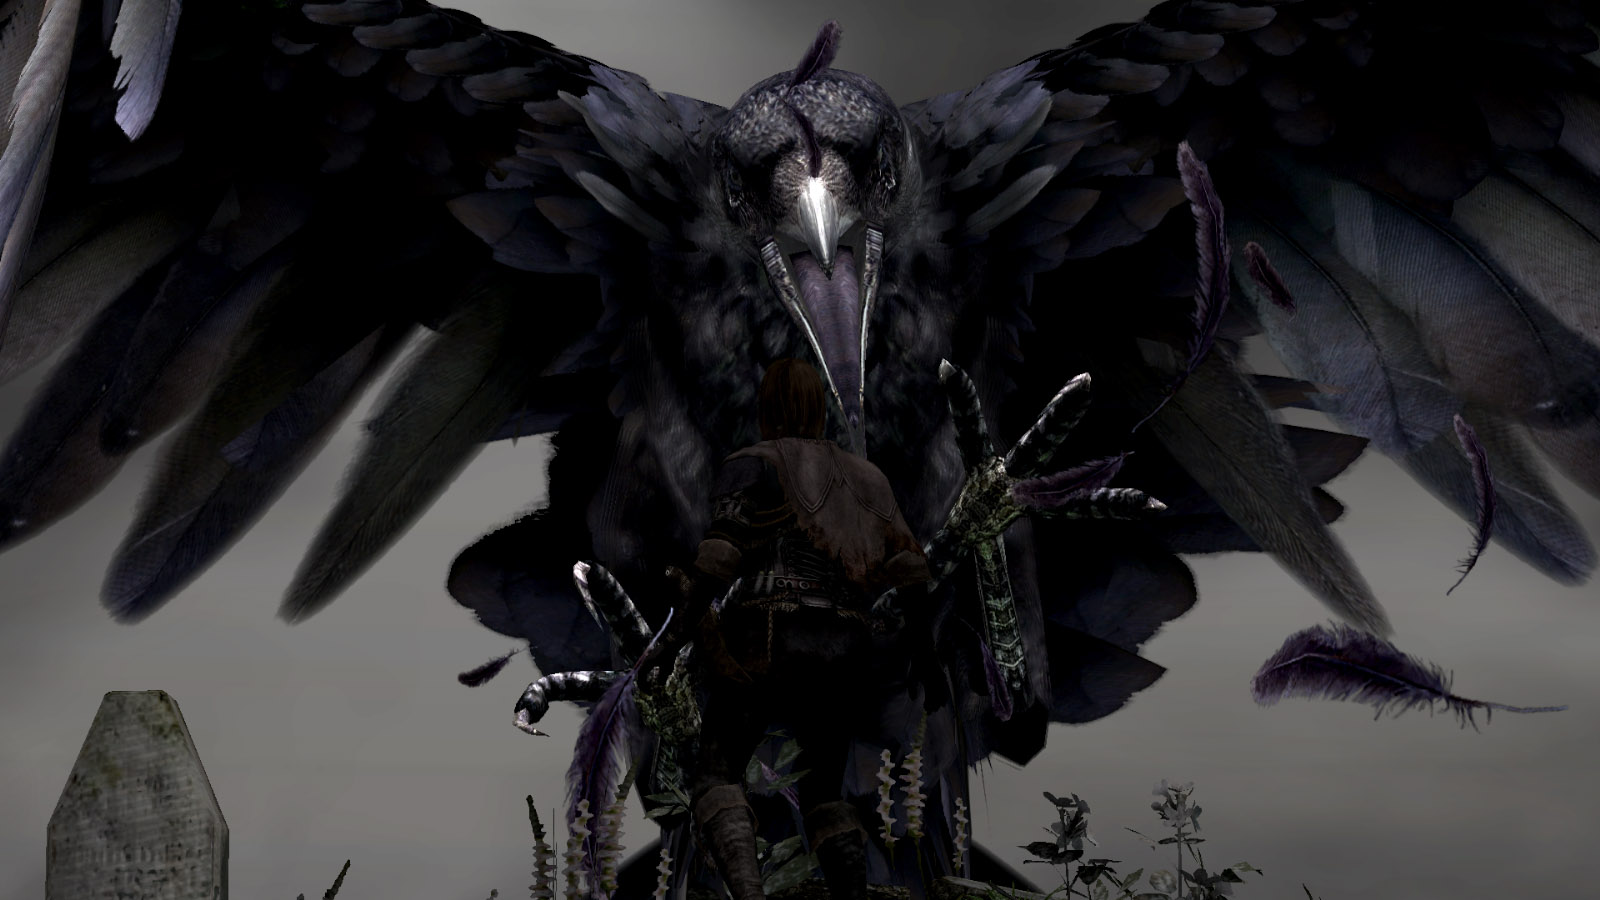 Dark Souls ダークソウル Pc版を買いました Mod導入とか Mome